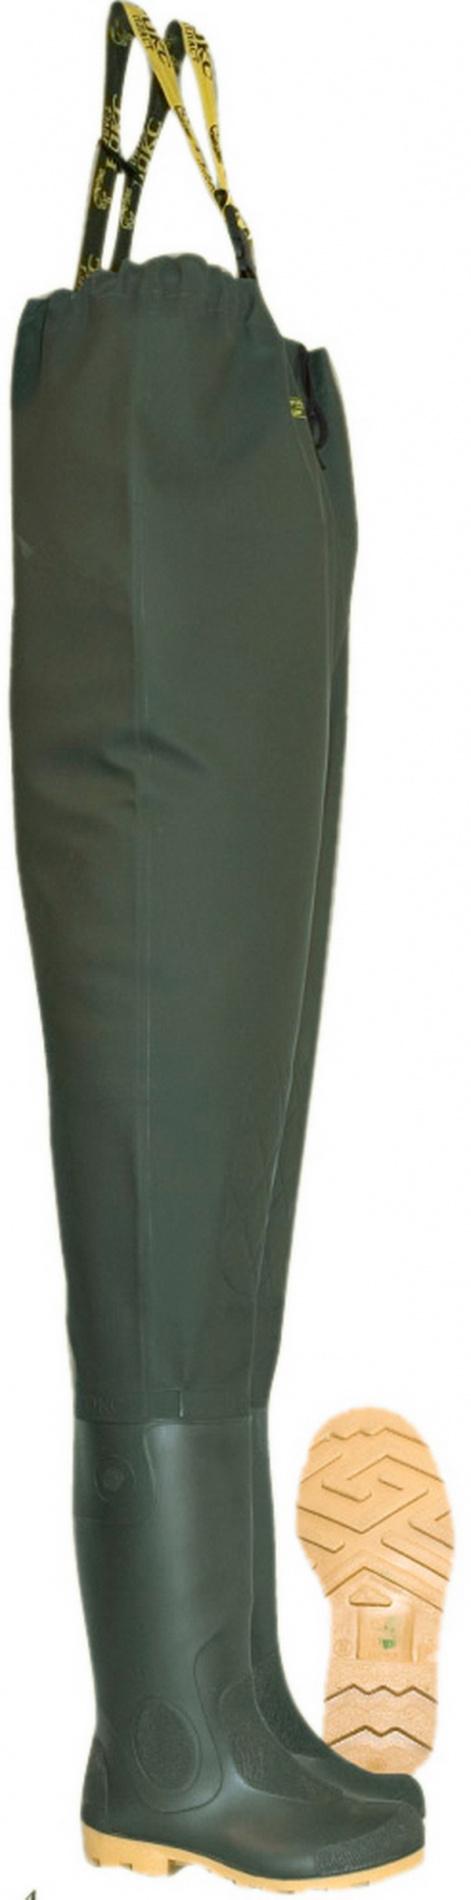 Полукомбинезон рыбацкий мужской Рокс С090 Полукомбинезоны рыбацкие<br>Полукомбинезон с регулируемыми по высоте <br>лямками и пластиковым разделителем на спине, <br>удобным внутренним карманом. Полукомбинезон <br>изготовлен из водонепроницаемого материала <br>(трикотажного полотна пропитанного ПВХ) <br>и приварен к сапогам.<br><br>Пол: мужской<br>Размер: 47(30,7)<br>Сезон: лето<br>Цвет: оливковый<br>Материал: сапог - ПВХ